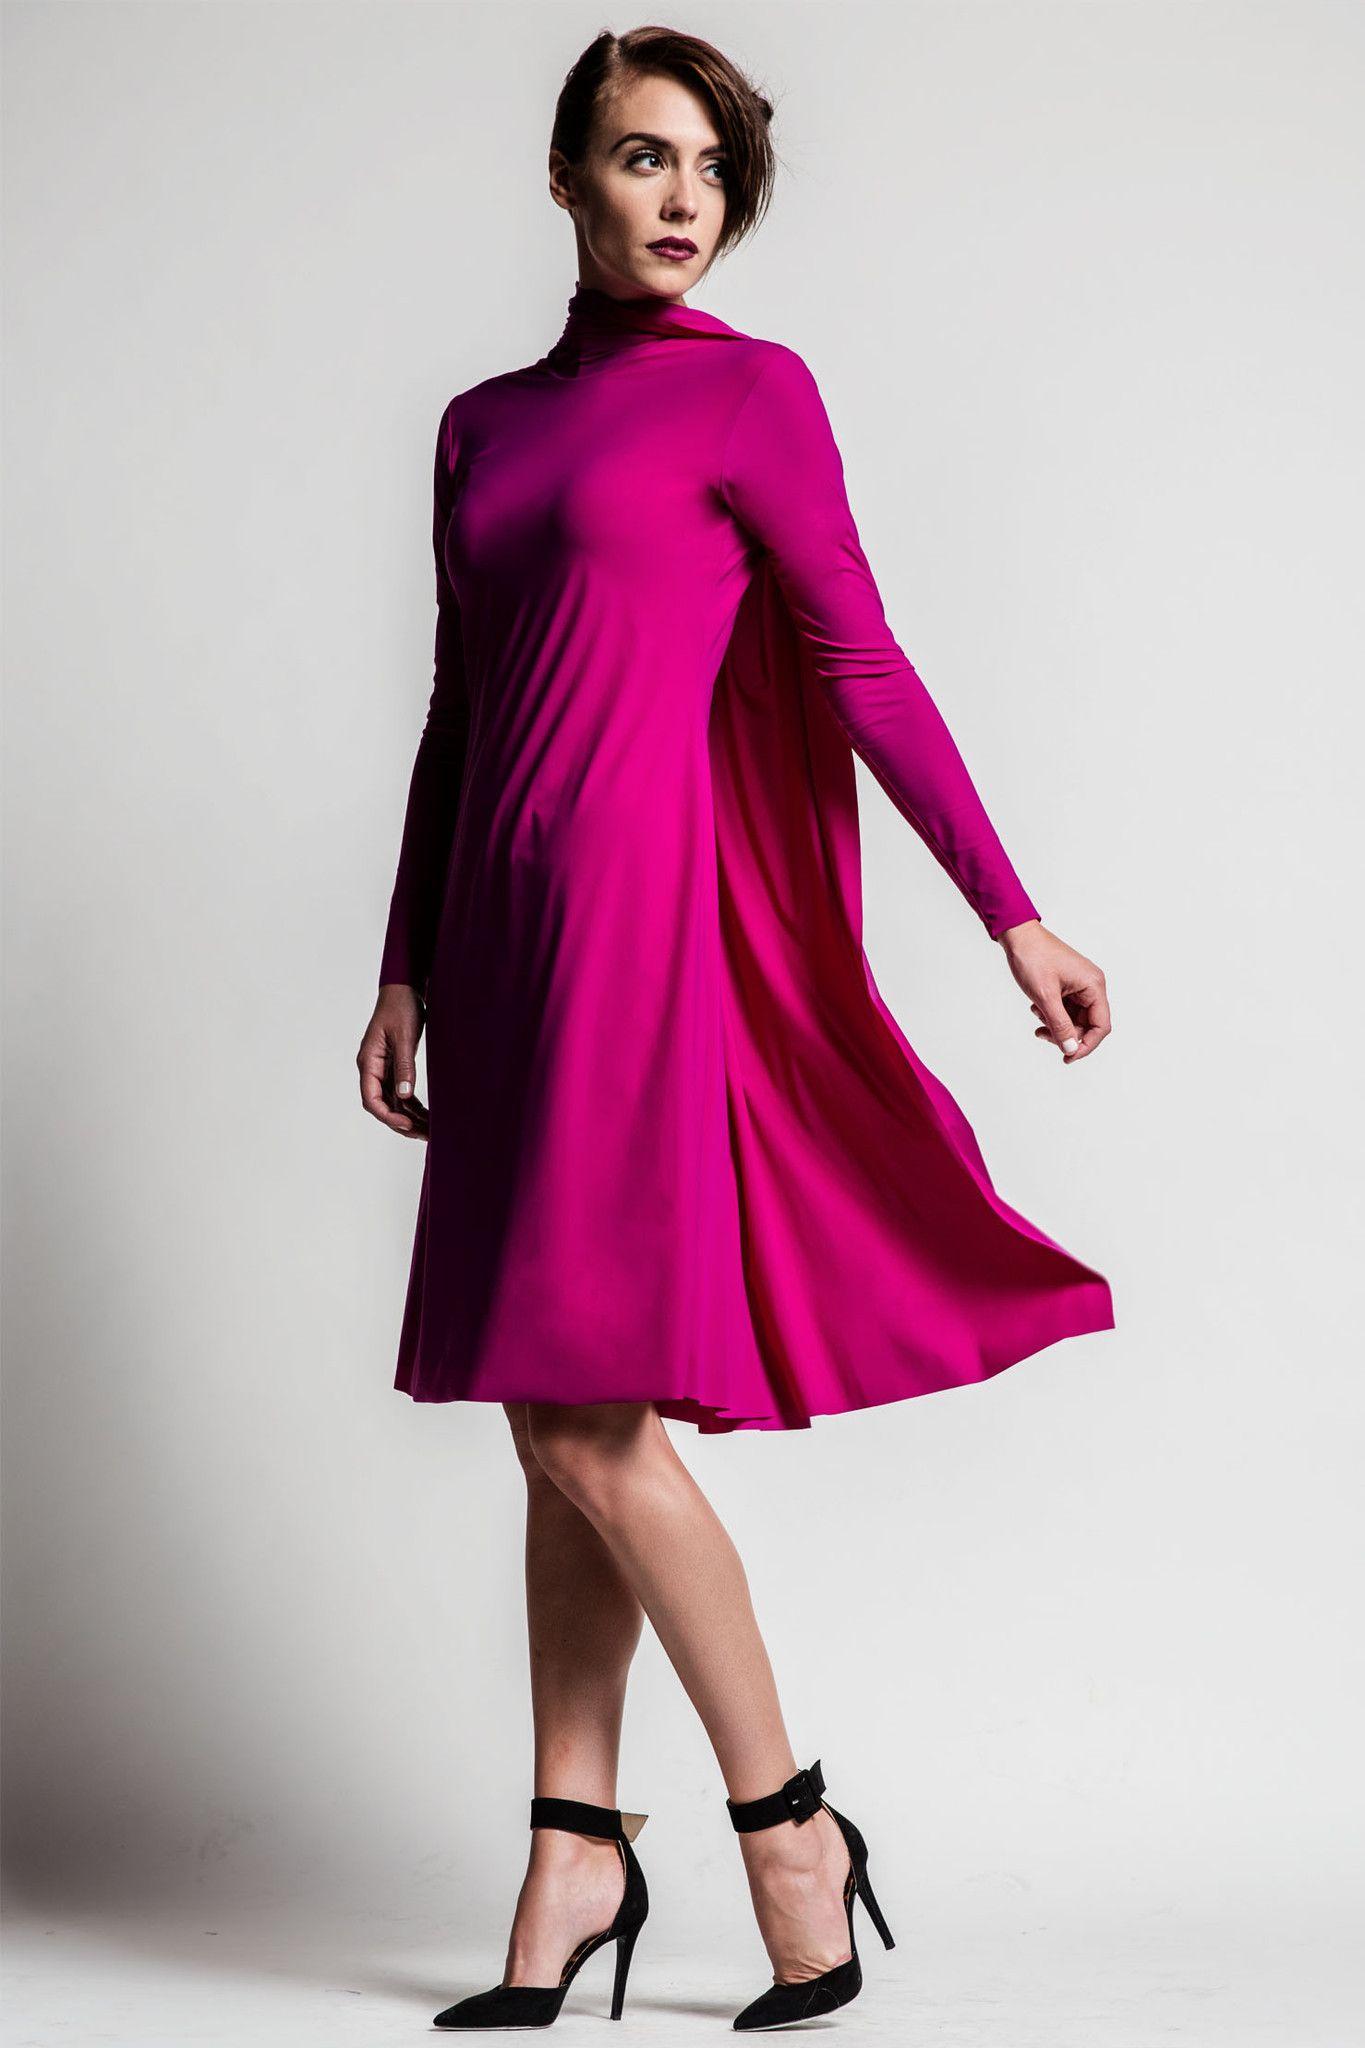 Único Caer 2014 Vestidos De Dama Ideas - Colección de Vestidos de ...